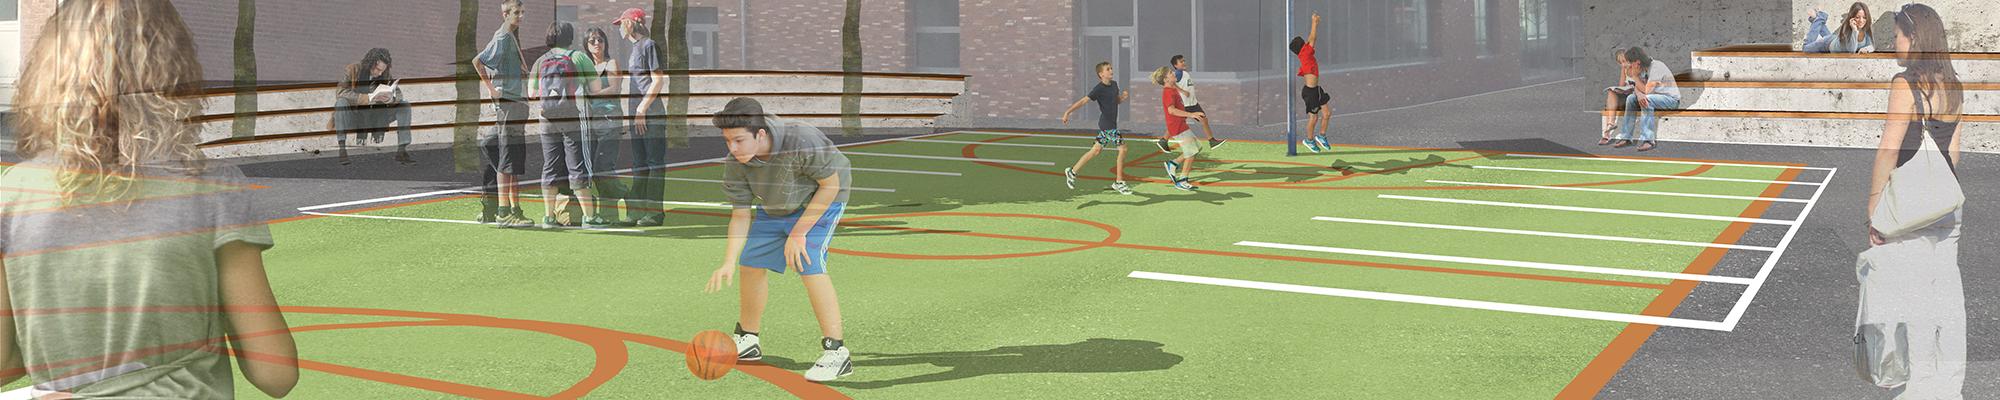 wettbewerb-schule-bremerhaven-perspektive-sportplatz-basketball-platz-fussball